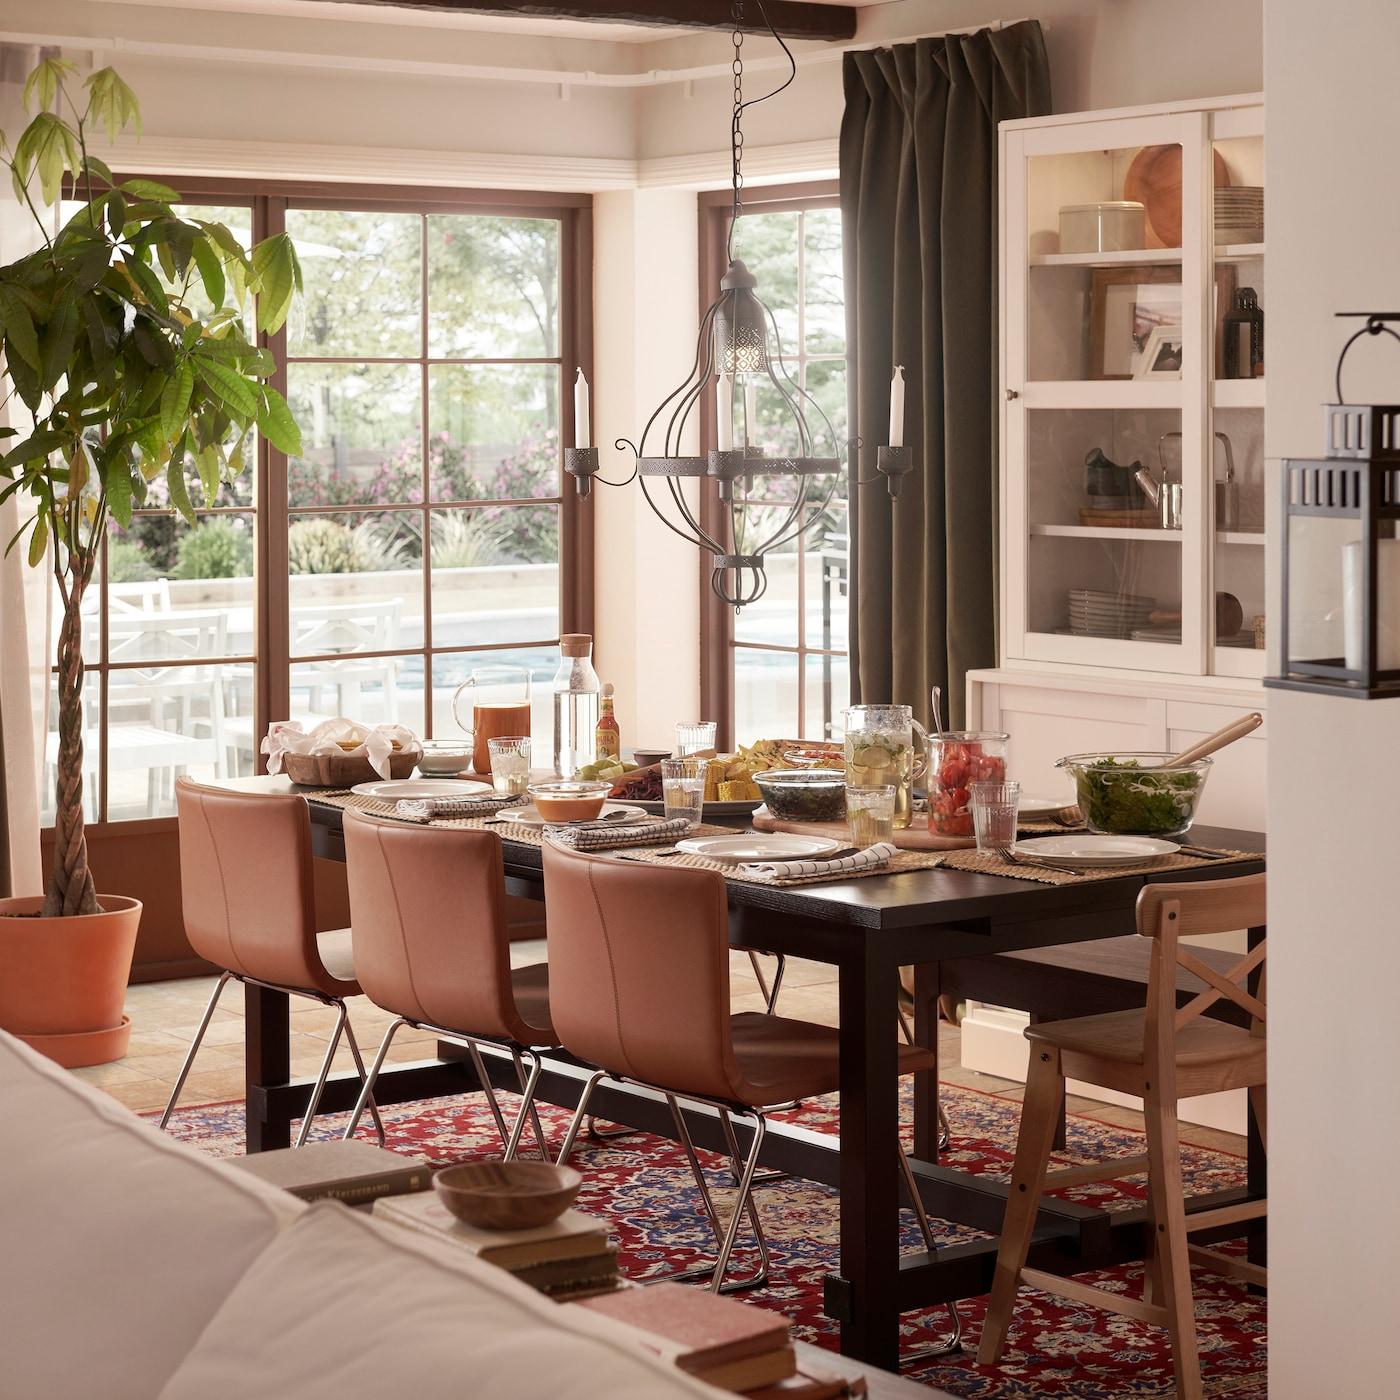 Ruang makan dengan kerusi kulit berwarna coklat keemasan, meja boleh dipanjangkan berwarna hitam, candelier berwarna hitam dan kabinet berpintu kaca berwarna putih.